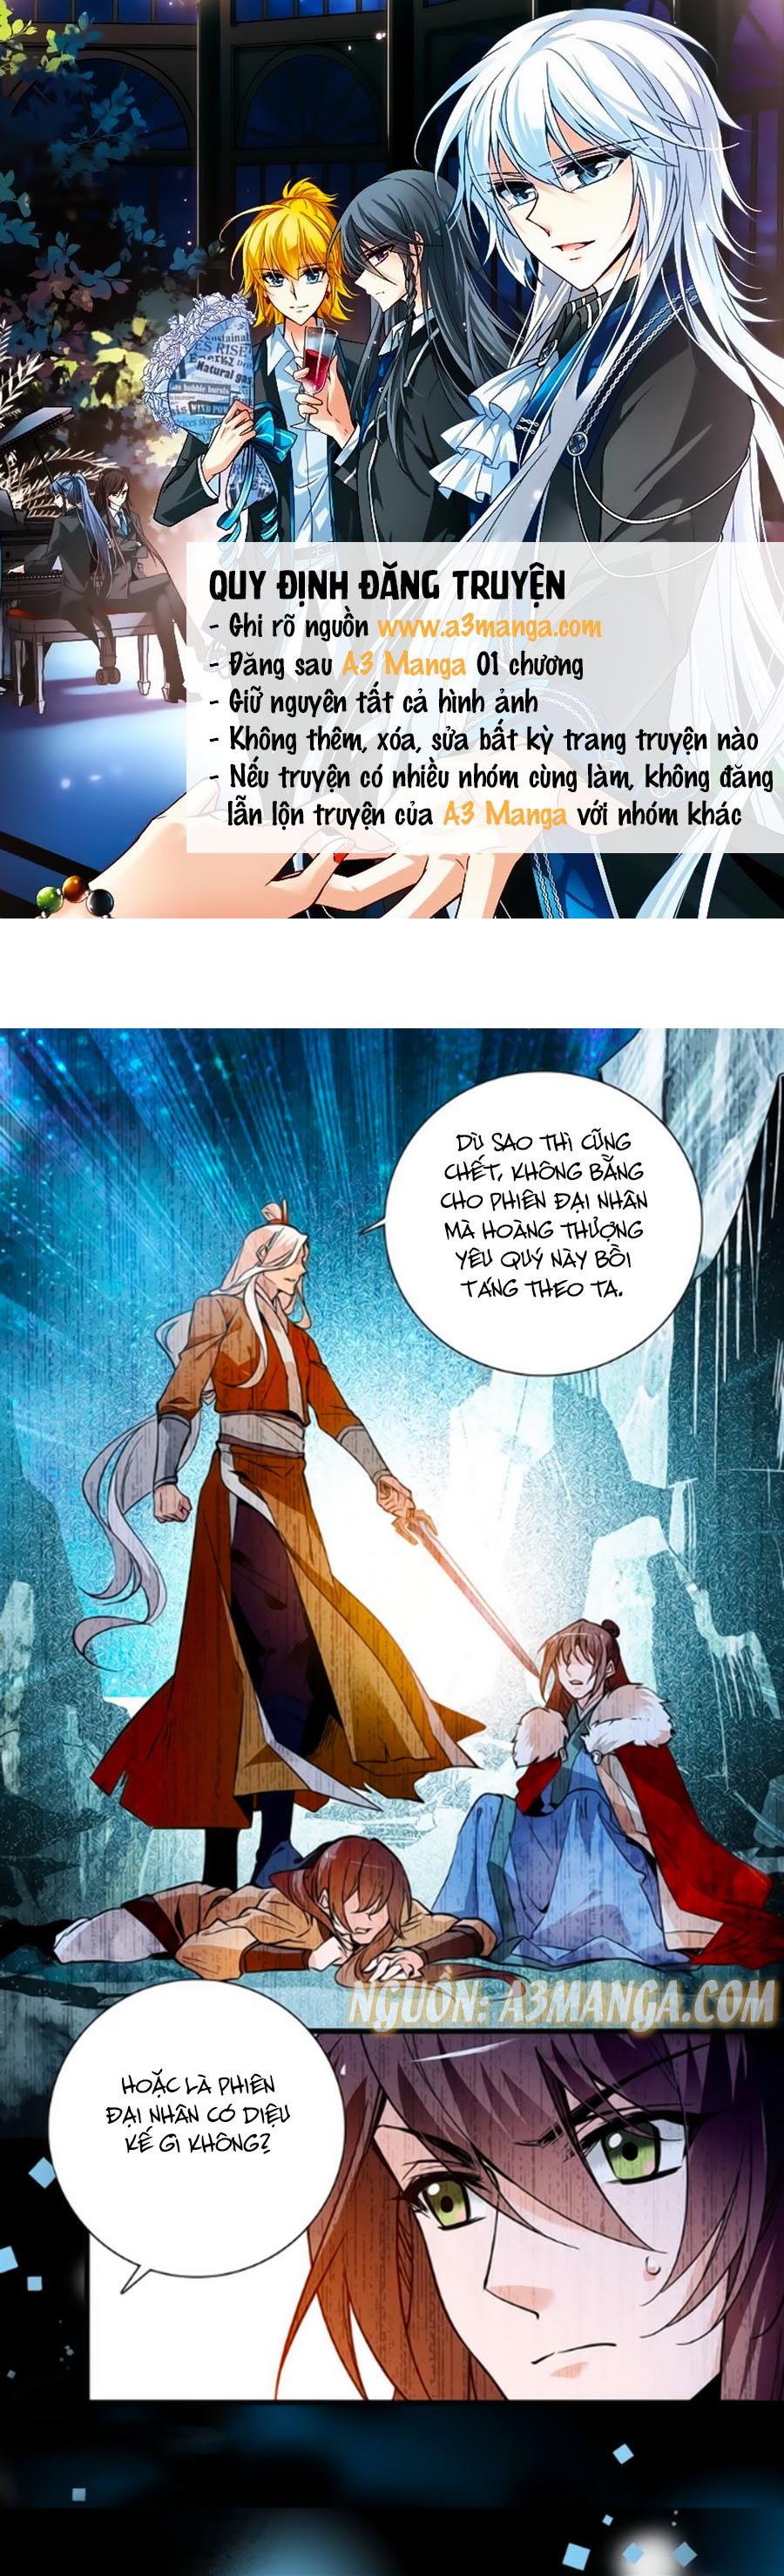 Hoàng Thượng! Hãy Sủng Ái Ta Đi! Chap 51